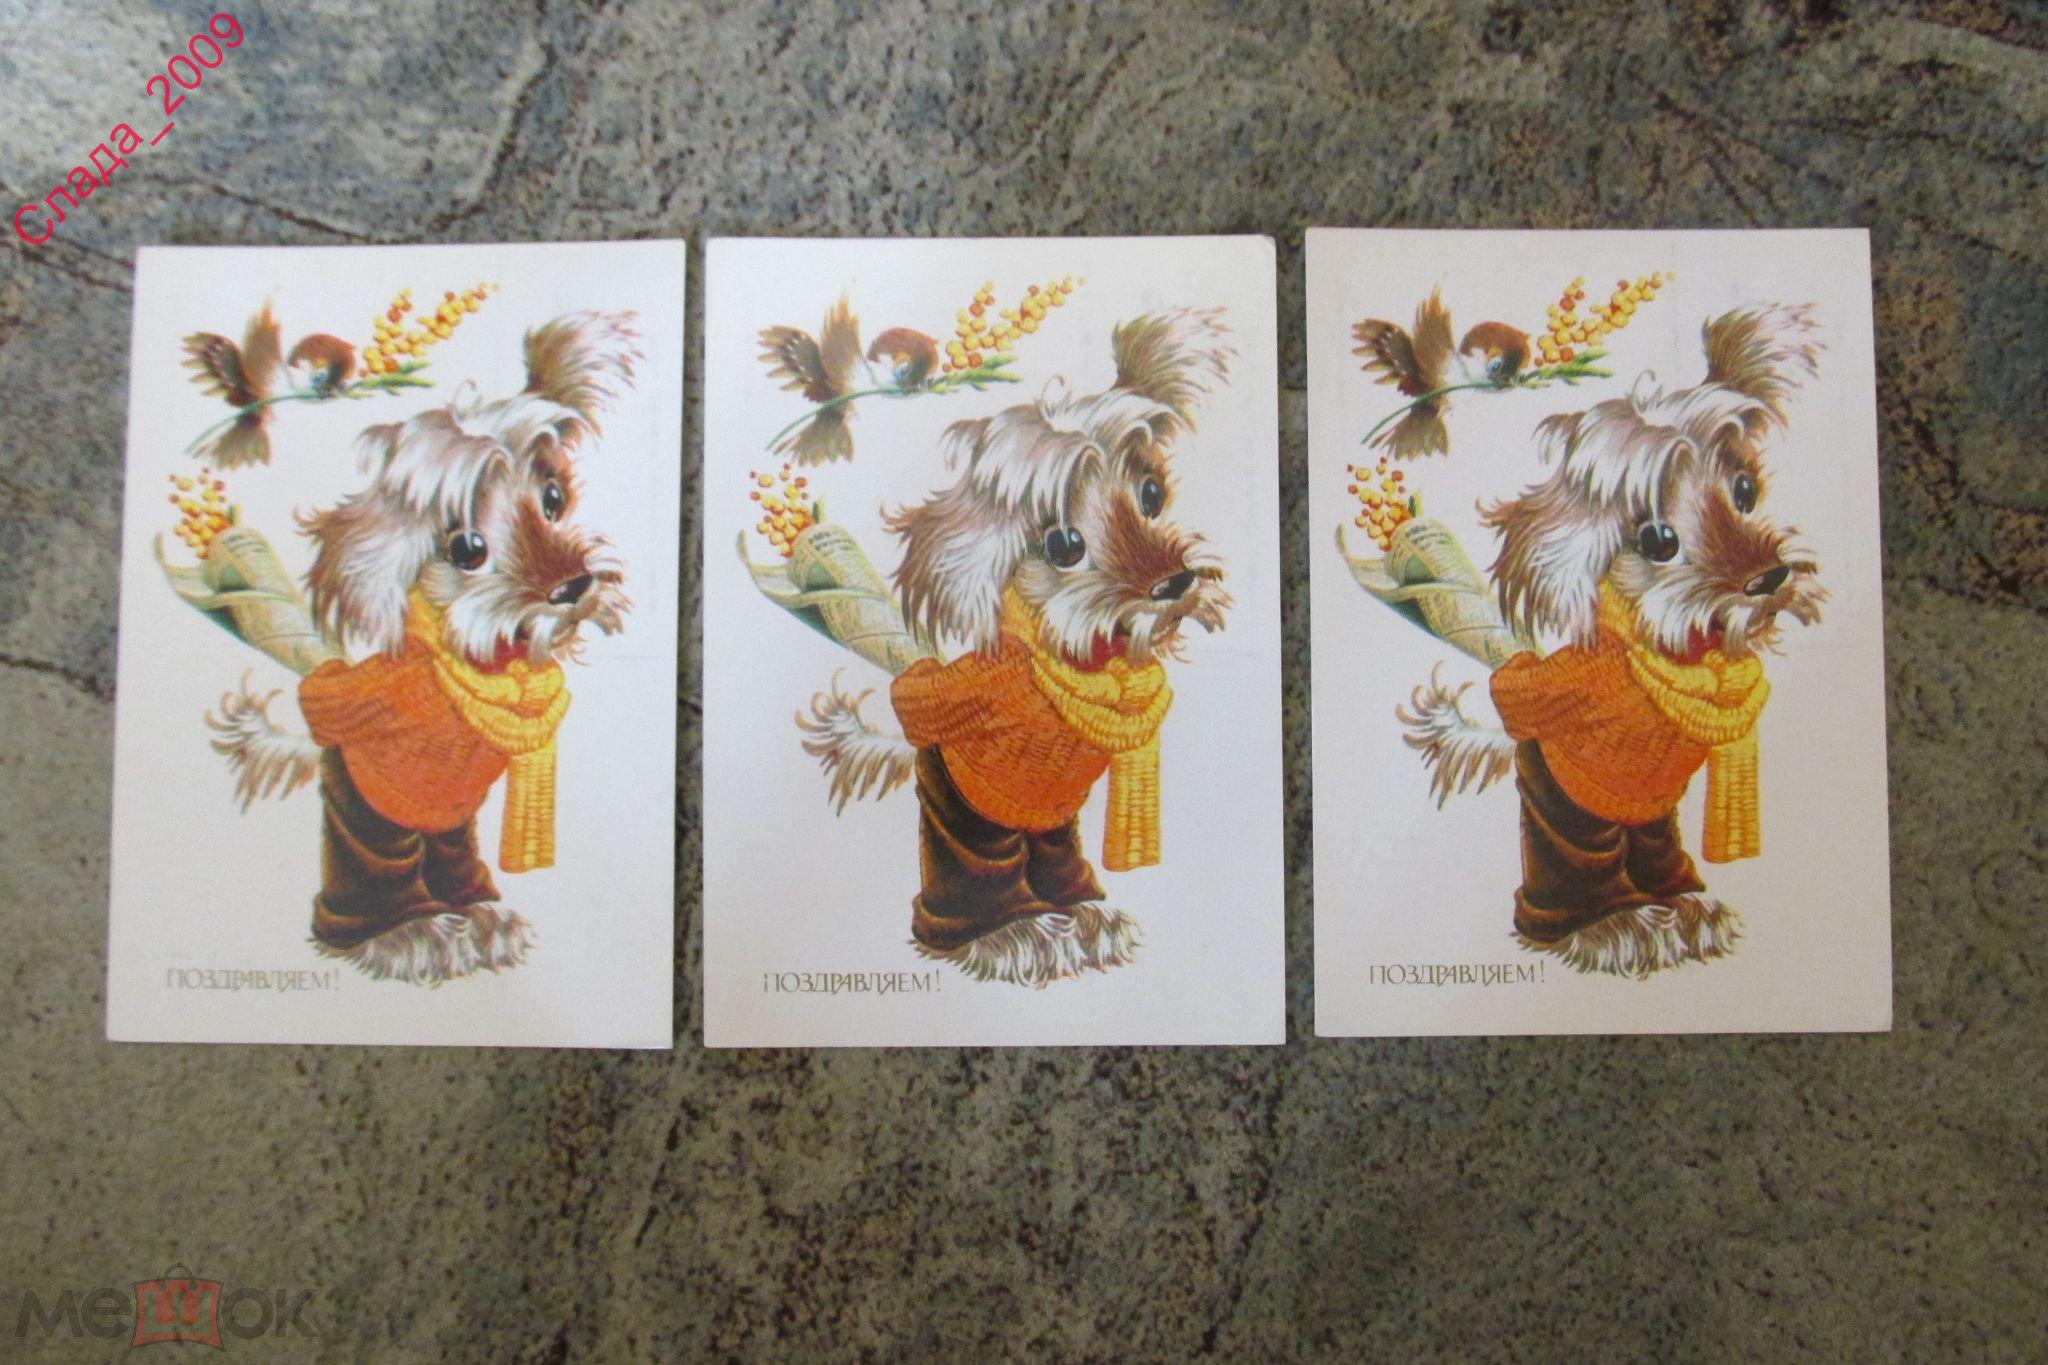 Марта гифки, открытки ссср 1983 цена